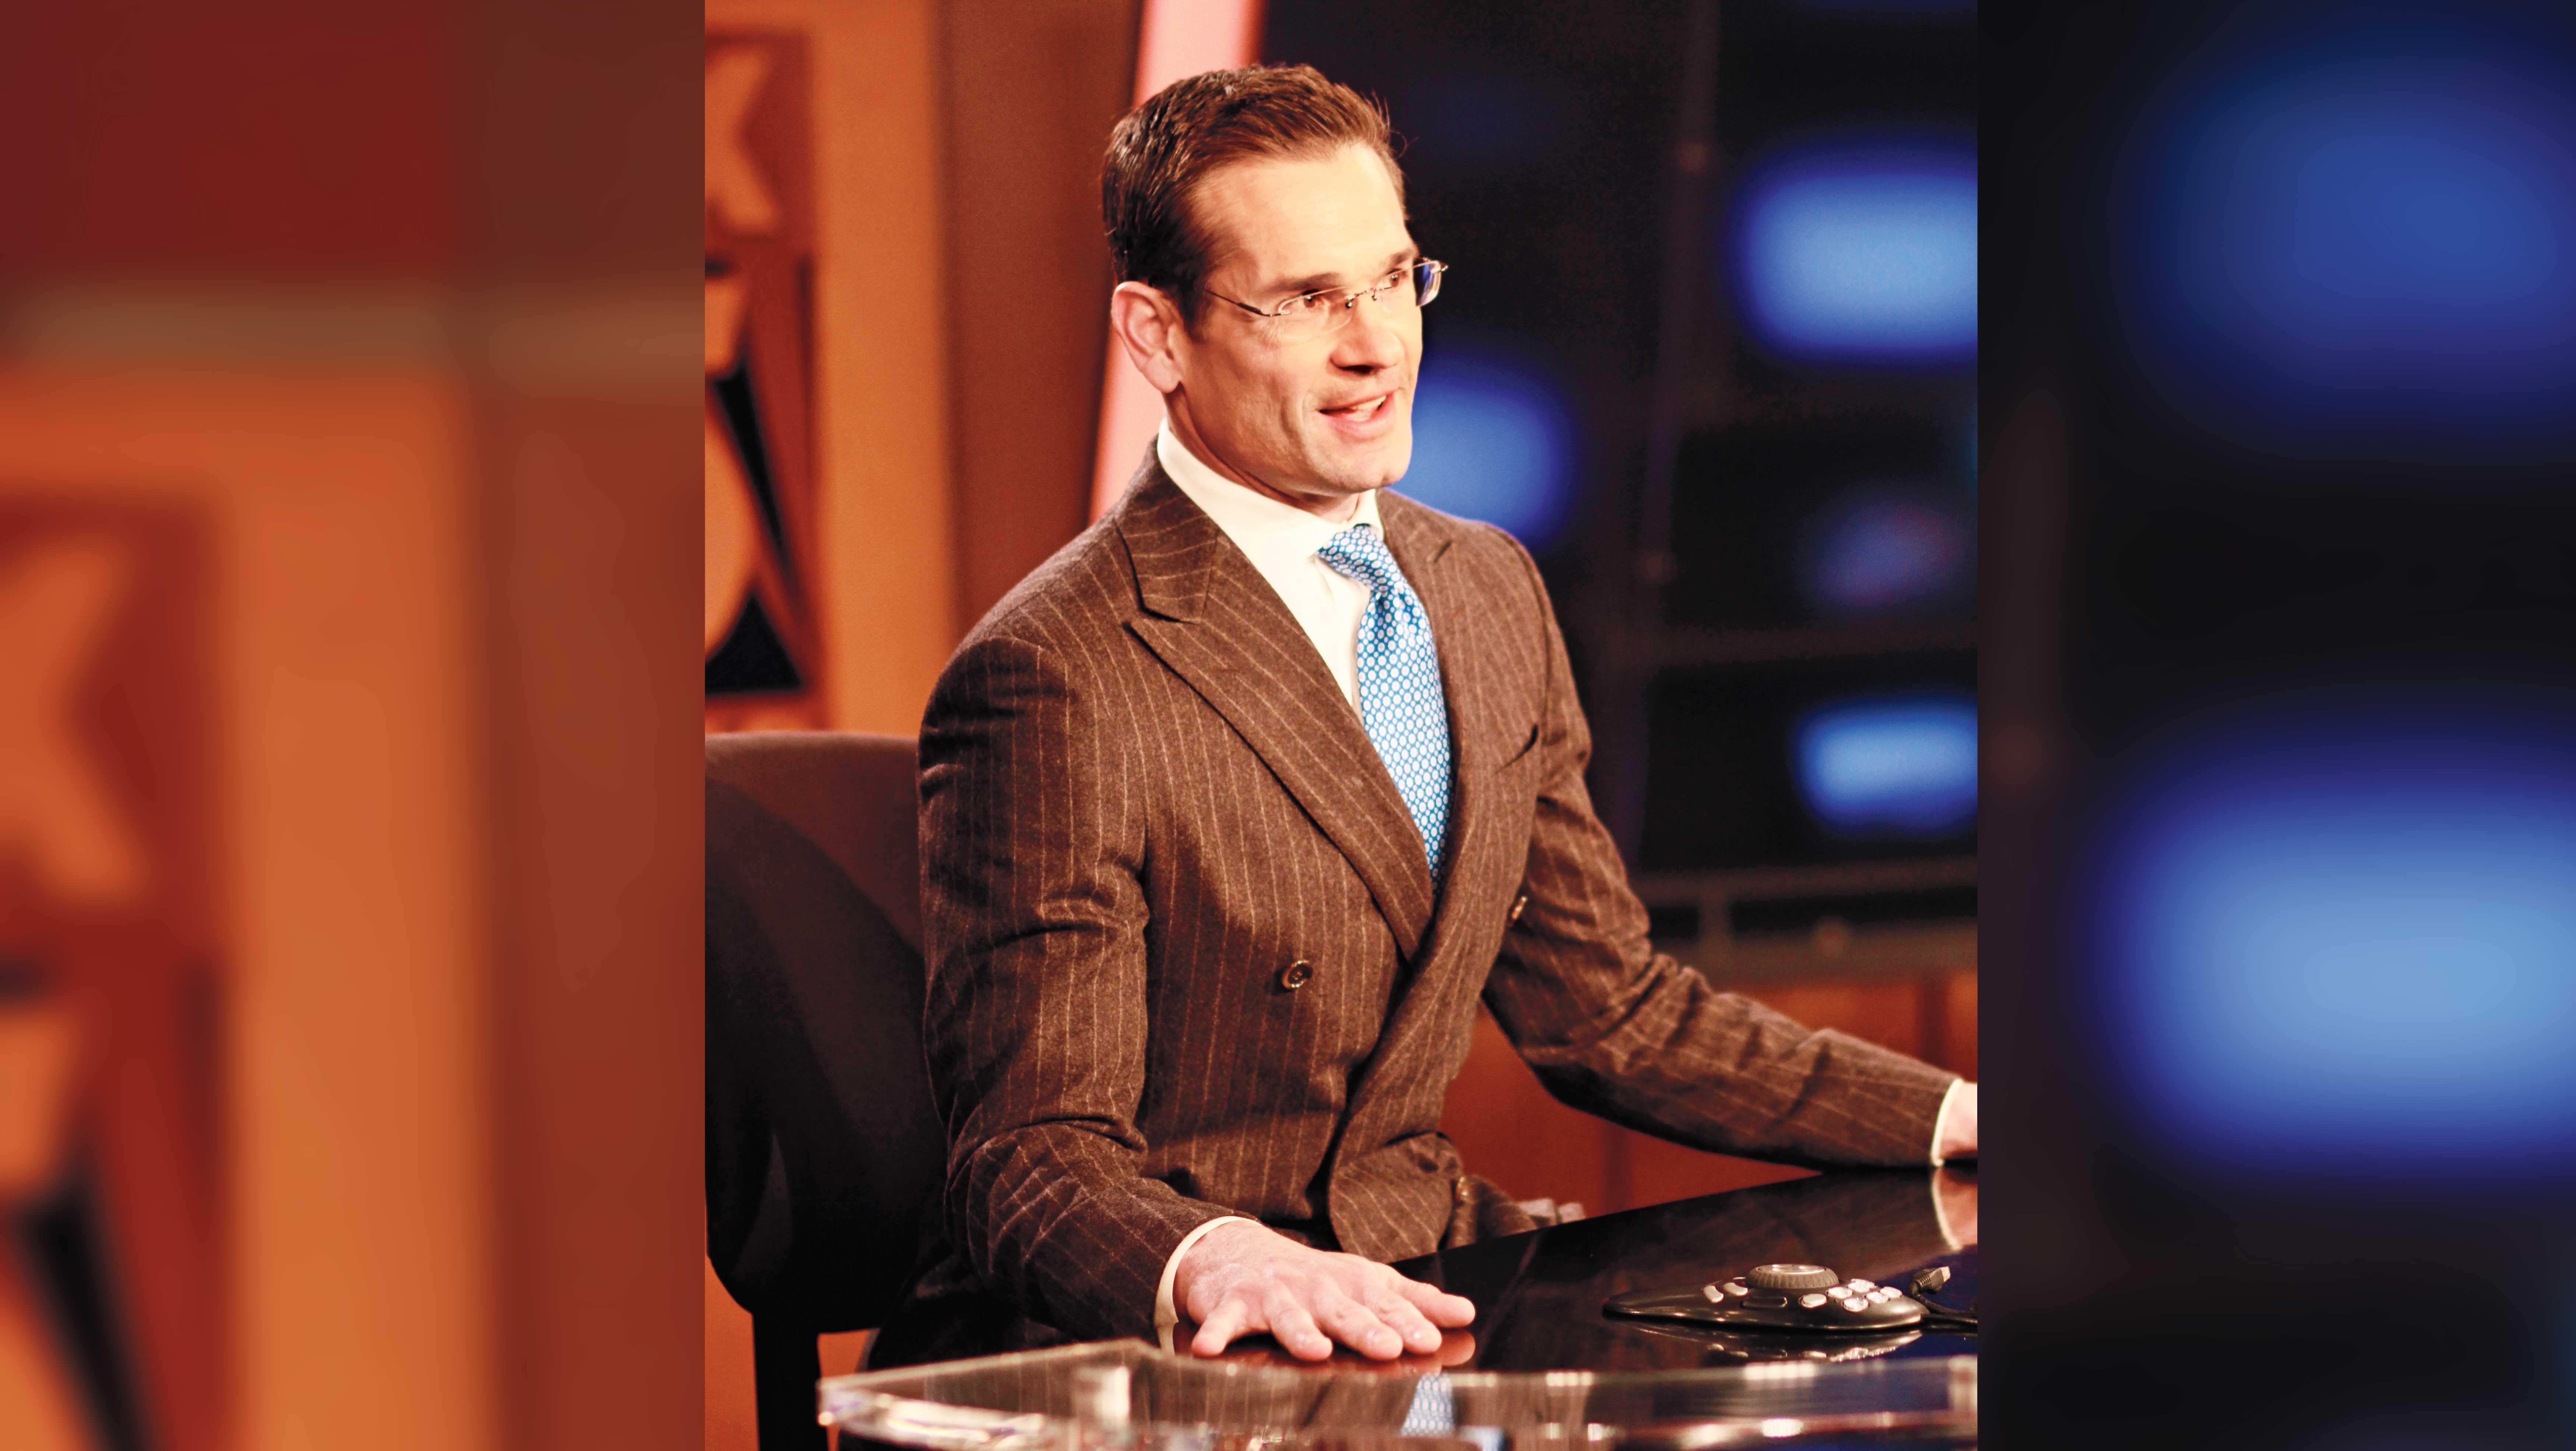 duke-castiglione-news-sports